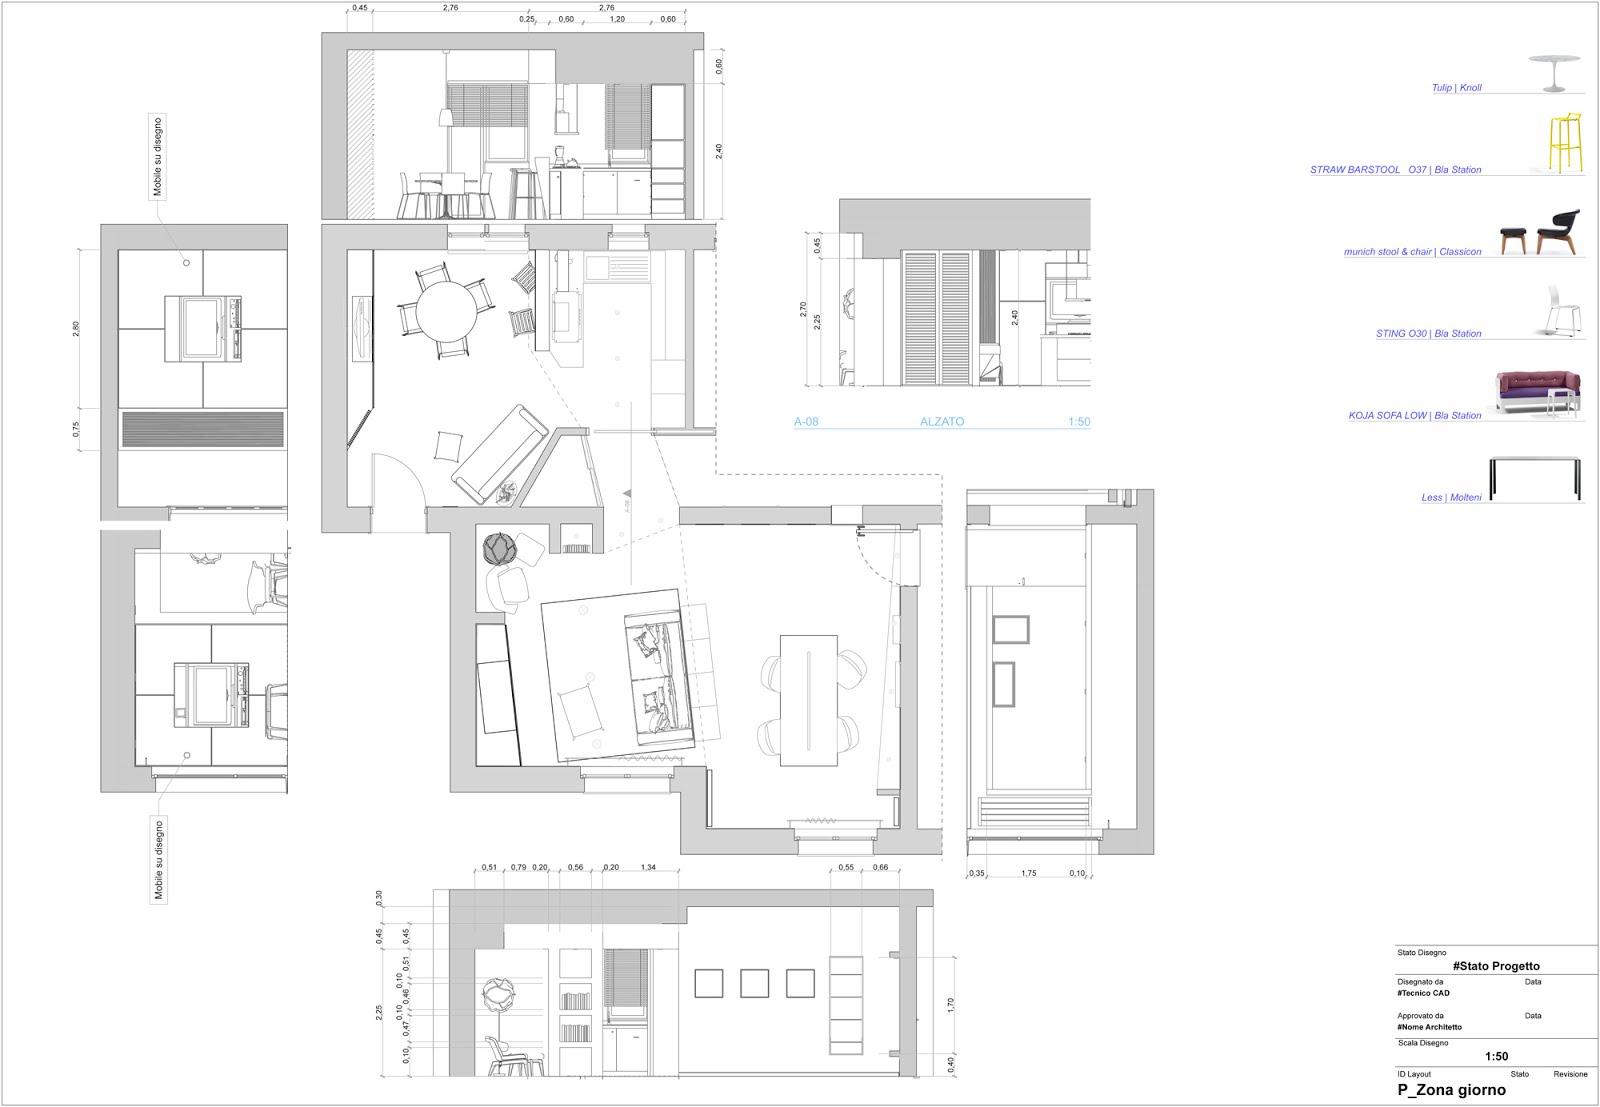 La migliore Progetto Ristrutturazione Casa Gratis Idee e immagini di ispirazione  ezsrc.com ...